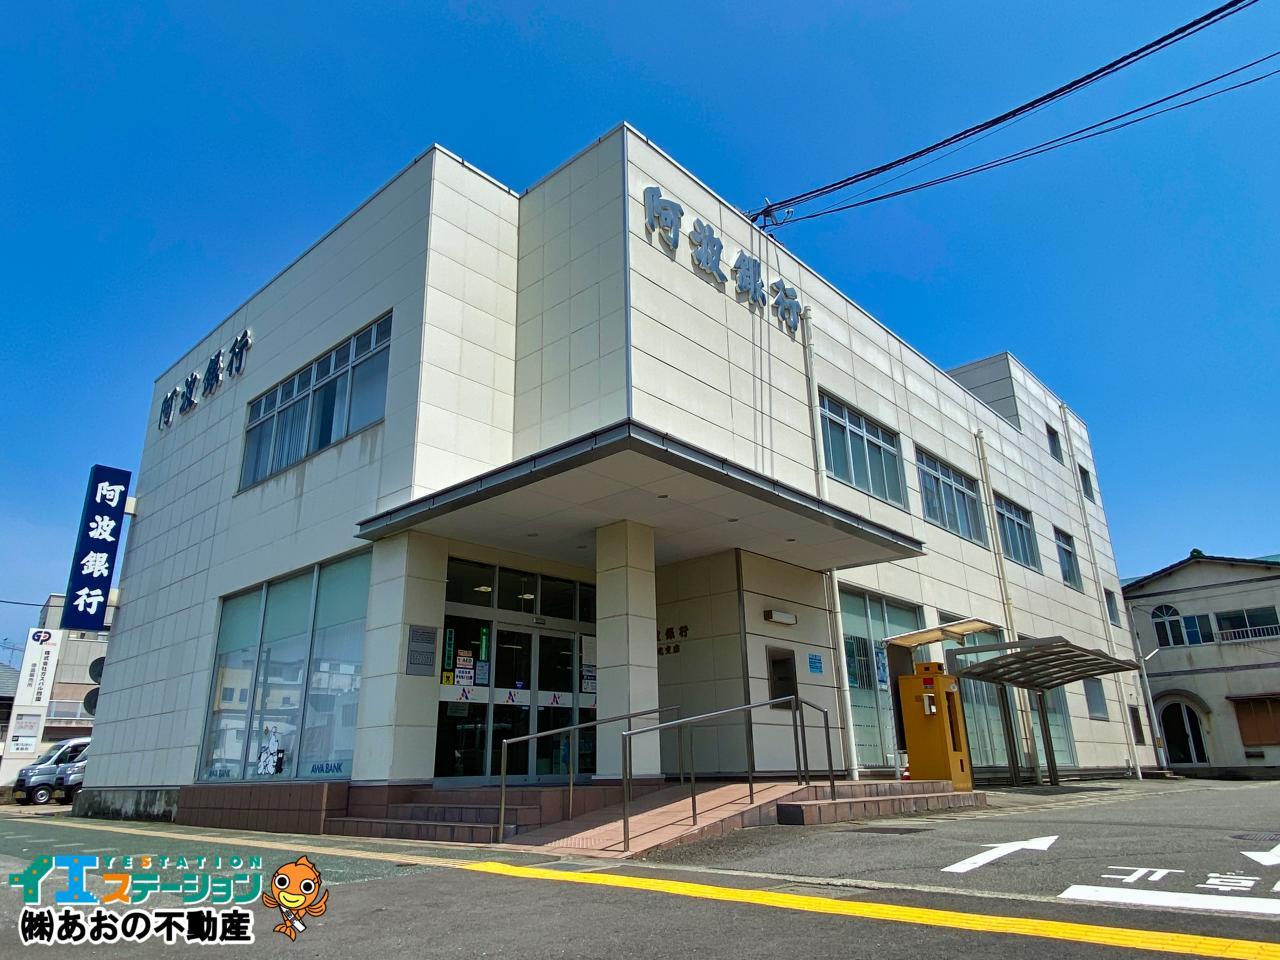 阿波銀行 渭北支店